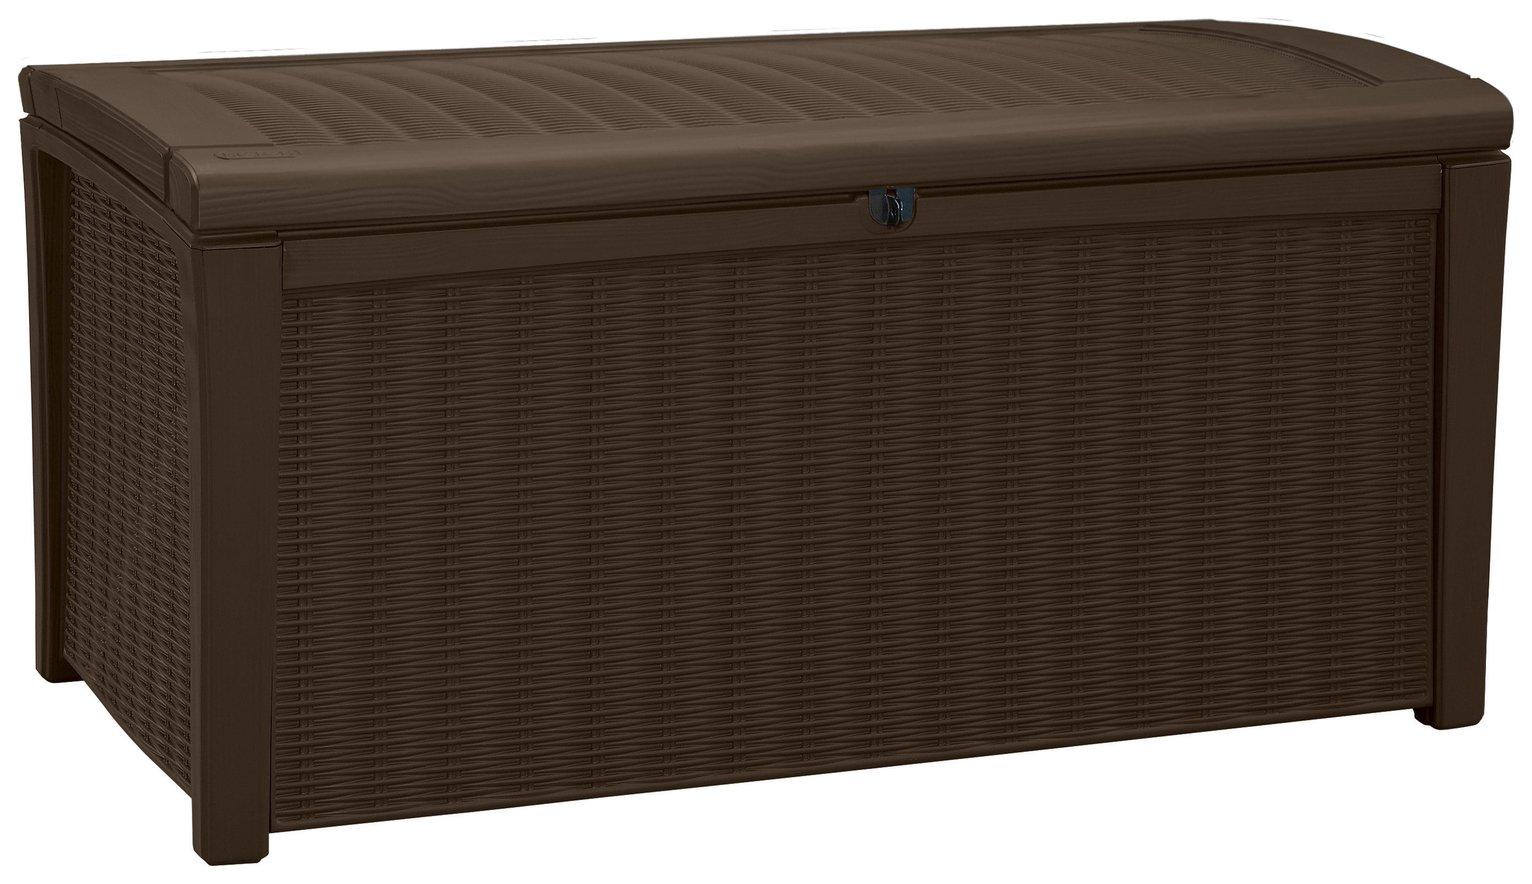 Keter Borneo Rattan Effect Garden Storage Box 416L - Brown